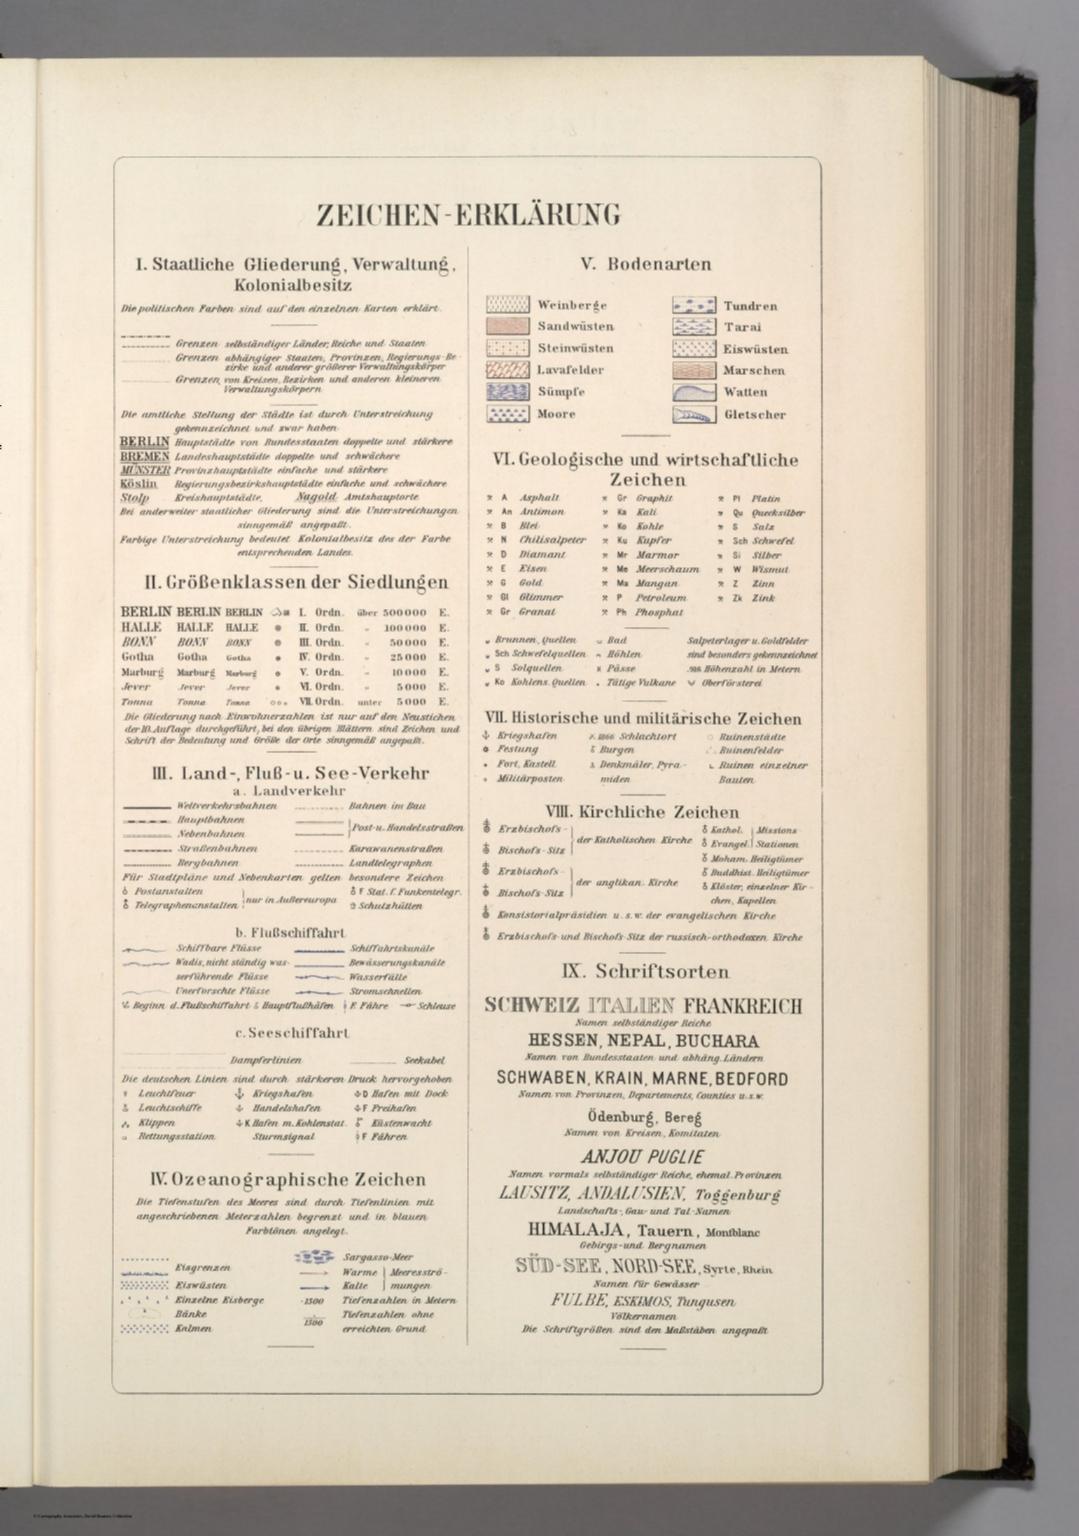 Legend: Zeichen-Erklaerung. - David Rumsey Historical Map Collection